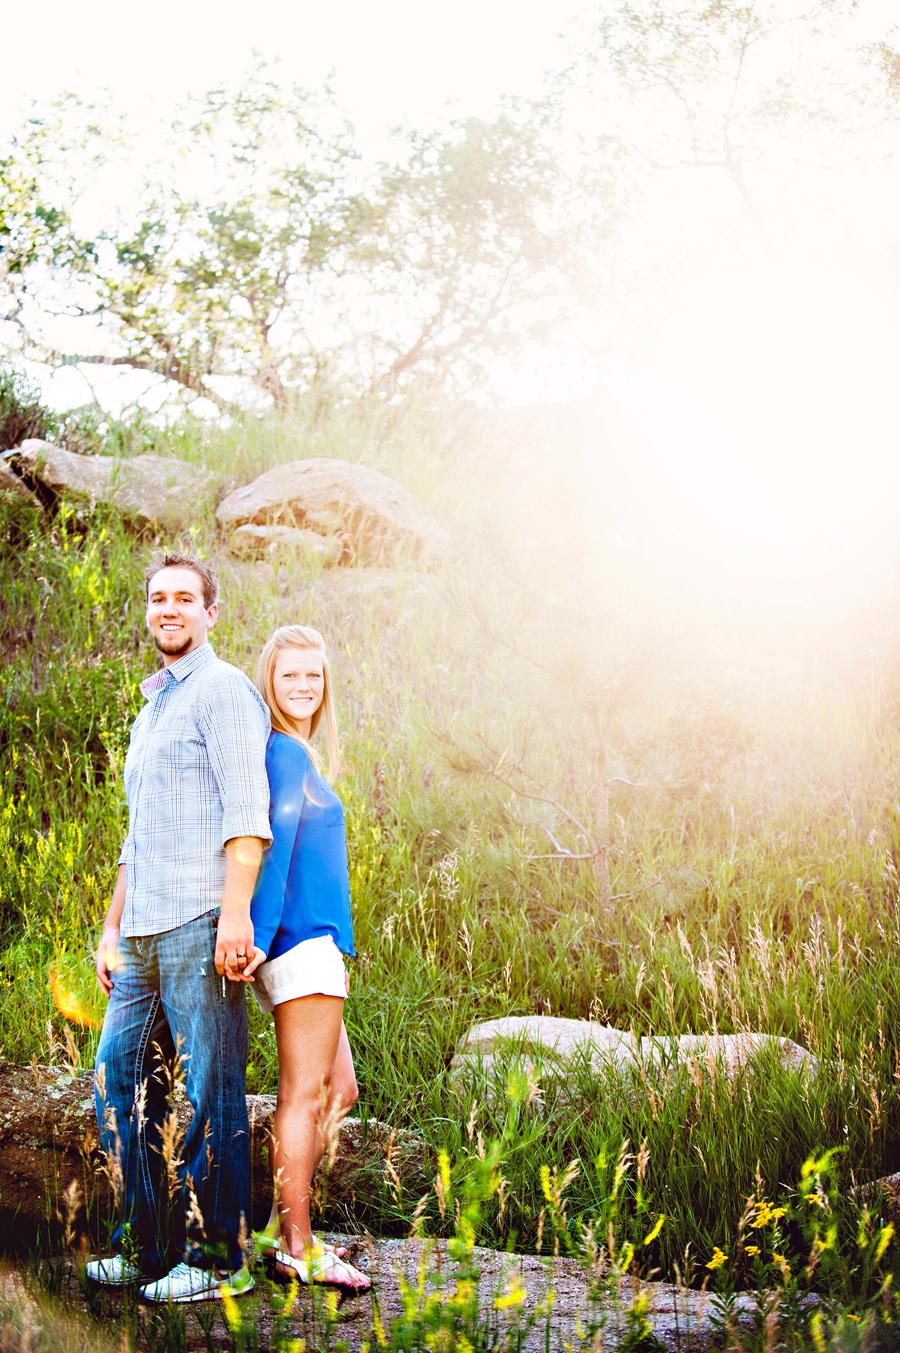 castle-rock-couple-sunlit-portrait.jpg